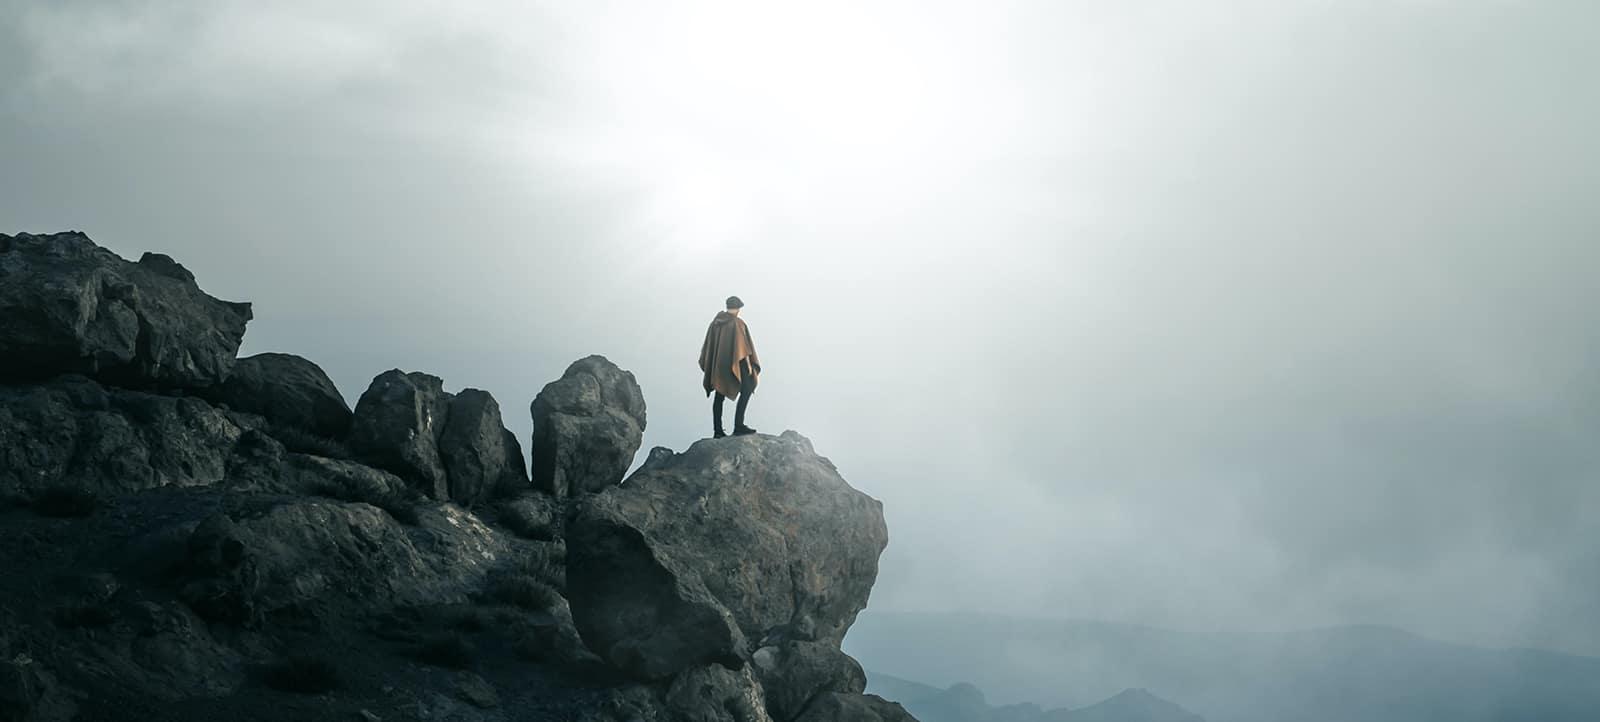 Staand op een klif